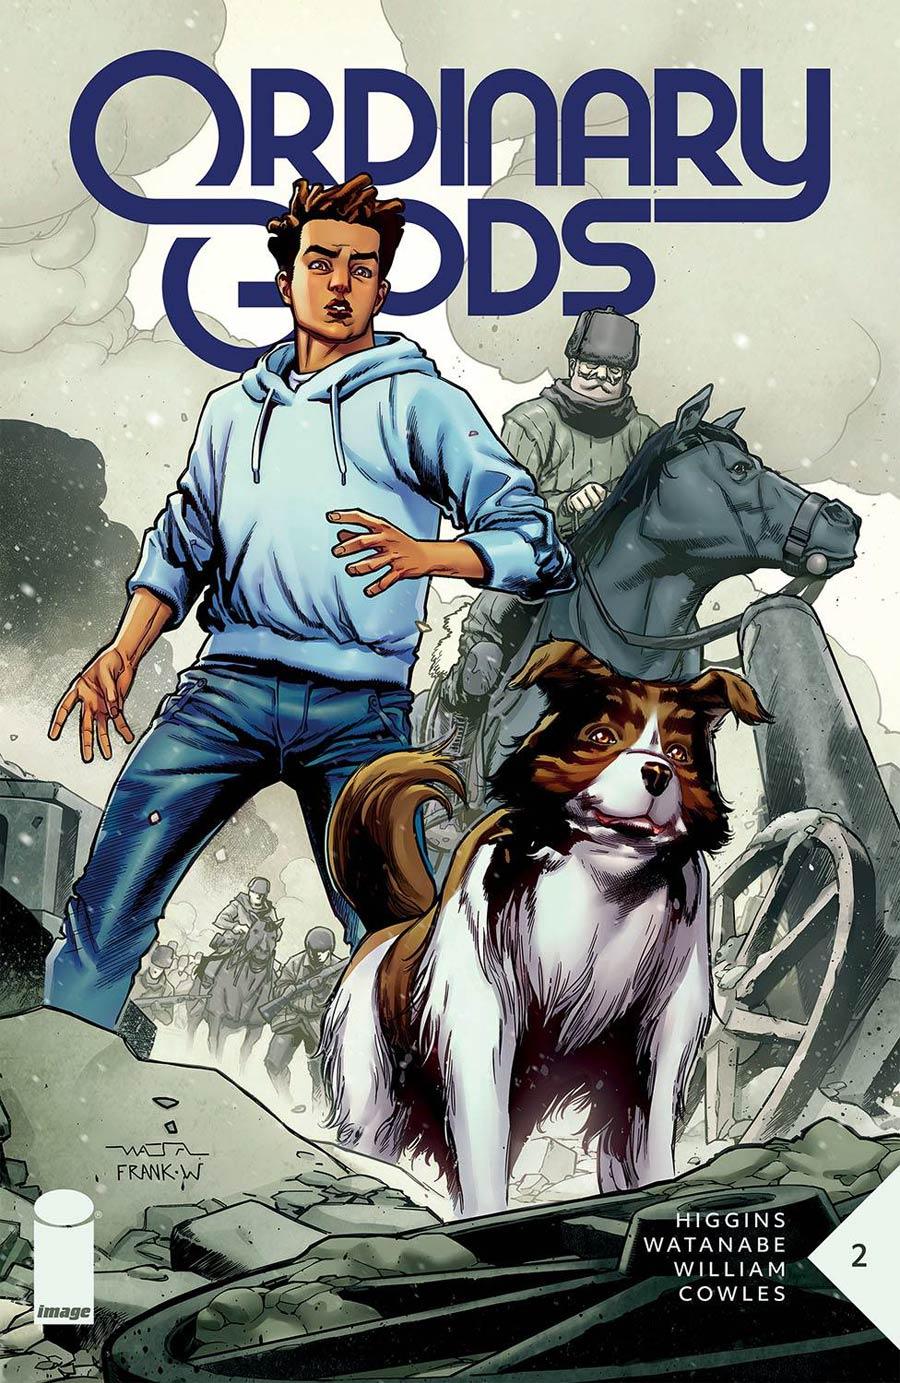 Ordinary Gods #2 Cover A Regular Felipe Watanabe Cover